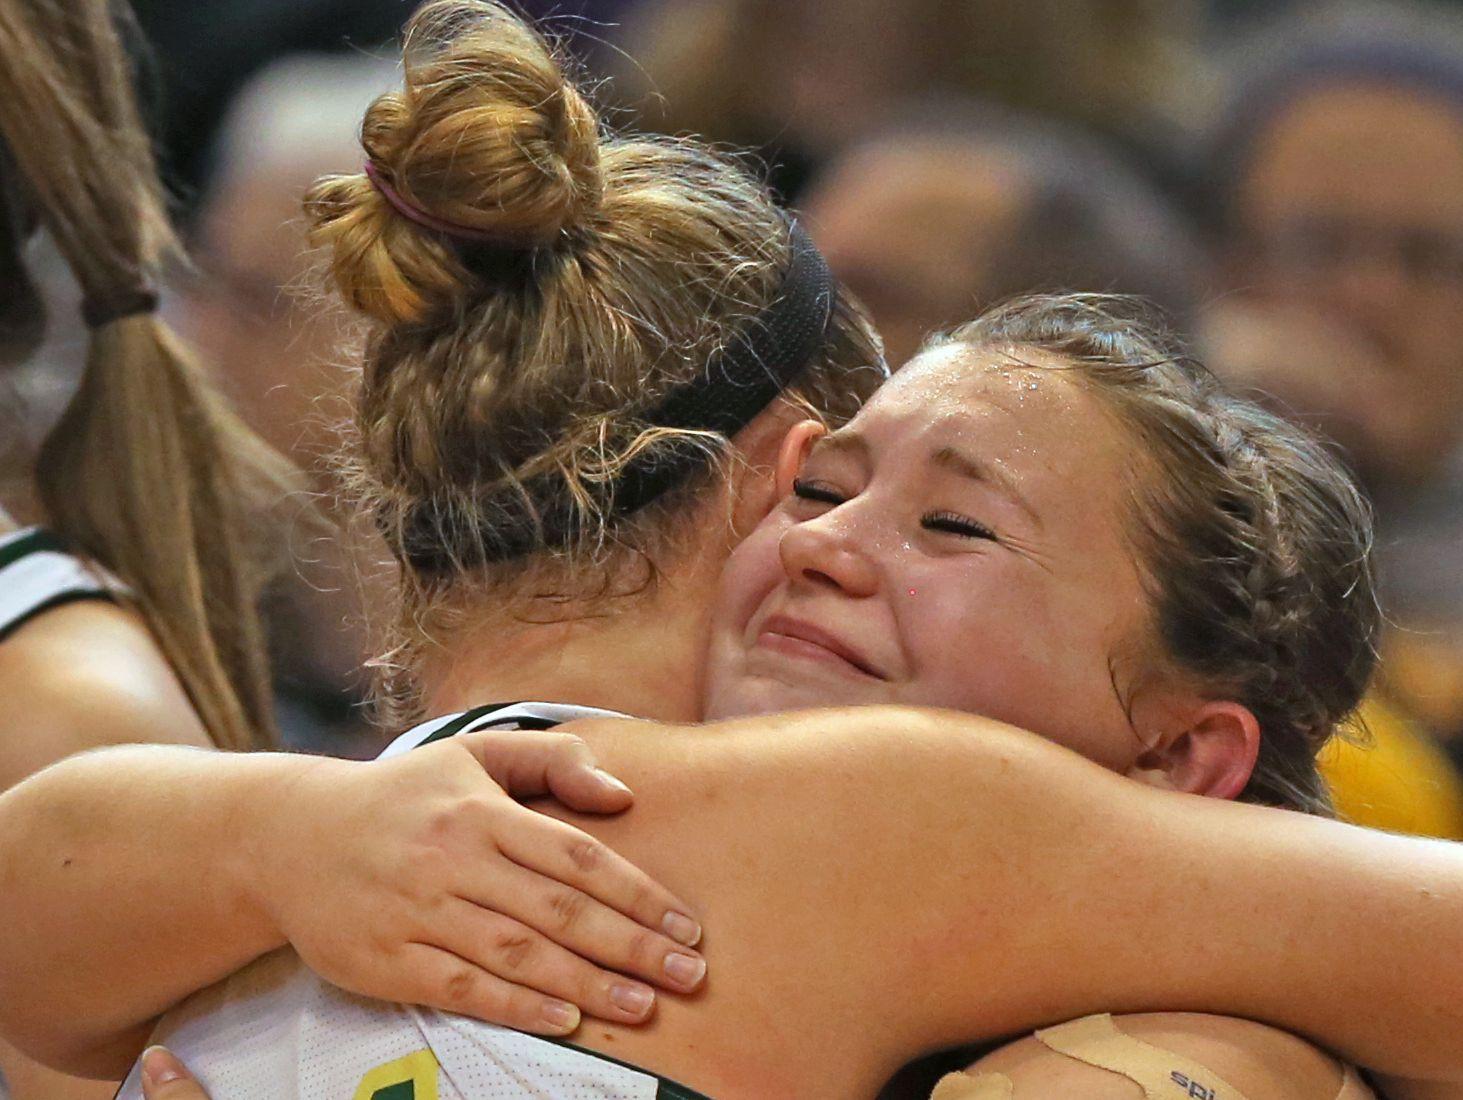 Brenna Maikranz, left, hugs teammate Carsen Robinson after Wood Memorial won the 2017 IHSAA Class A Girls Basketball State Finals, Saturday.